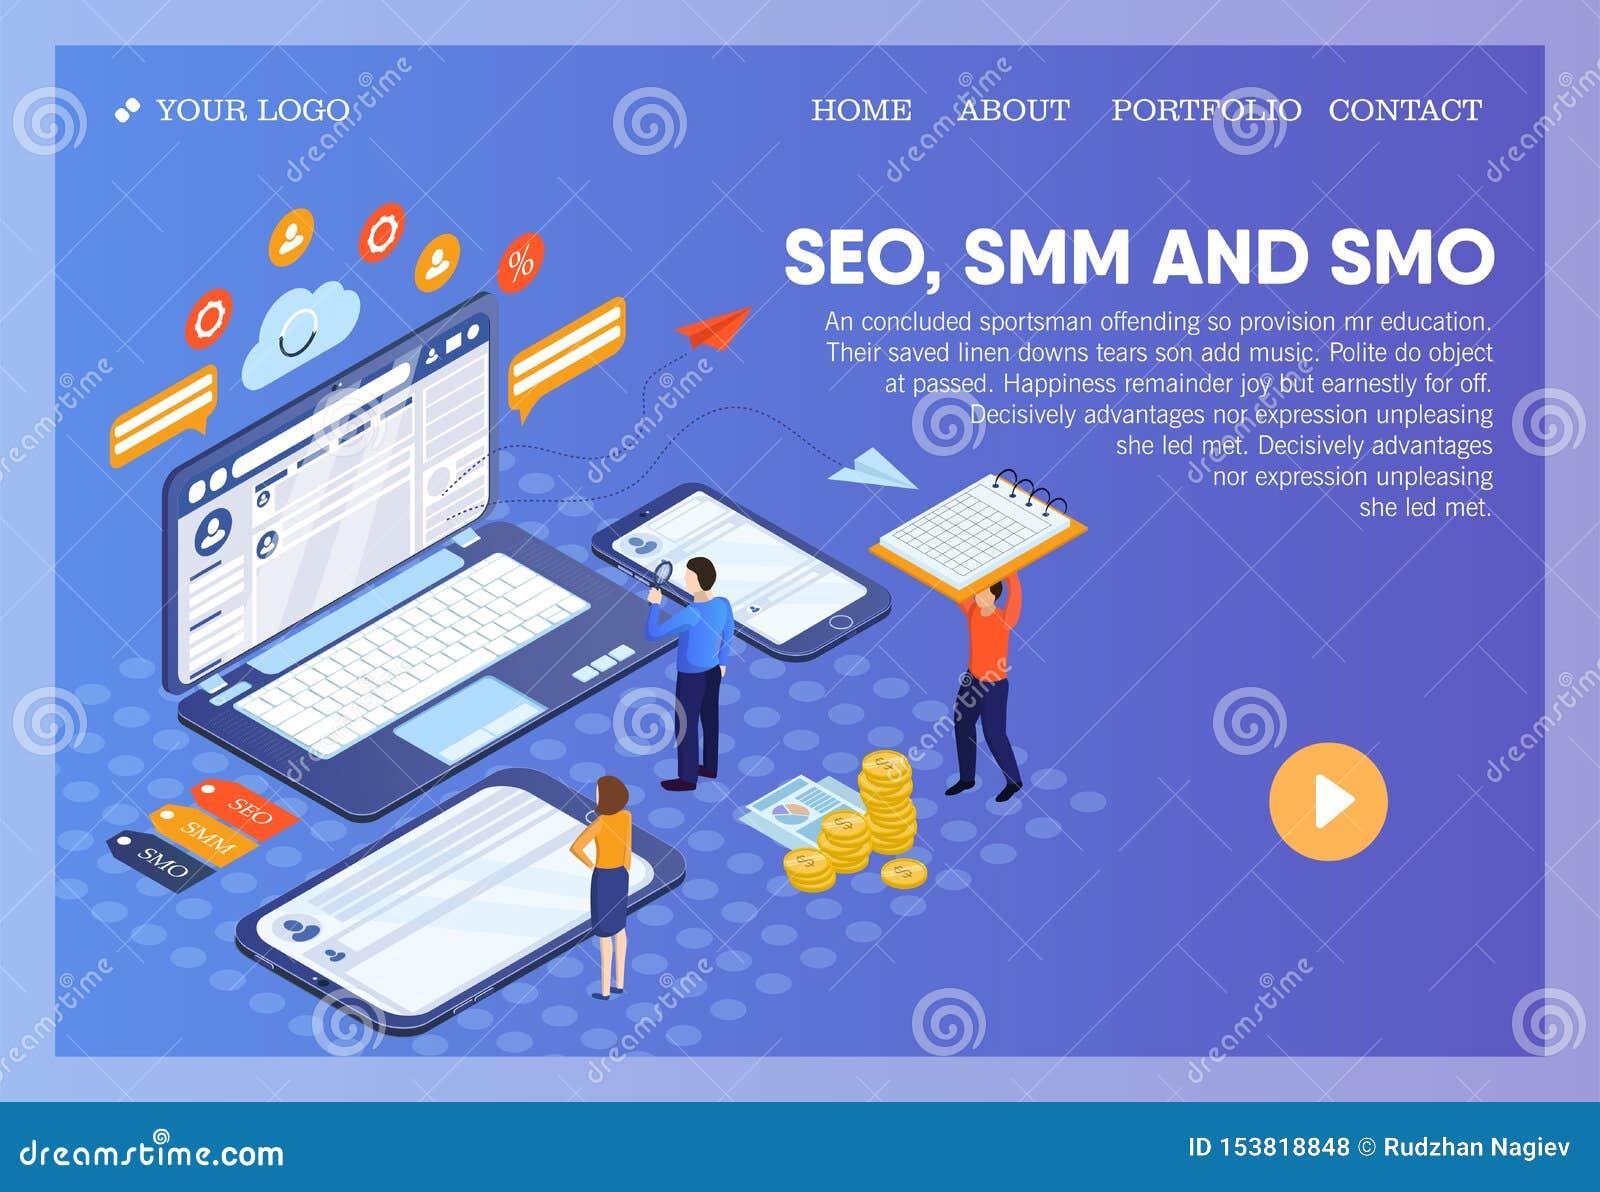 Pictographic för SEO-, SMM-, SMO- eller sökandemotorOptimization, socialt massmedia som marknadsför, och social massmediaOptimiza